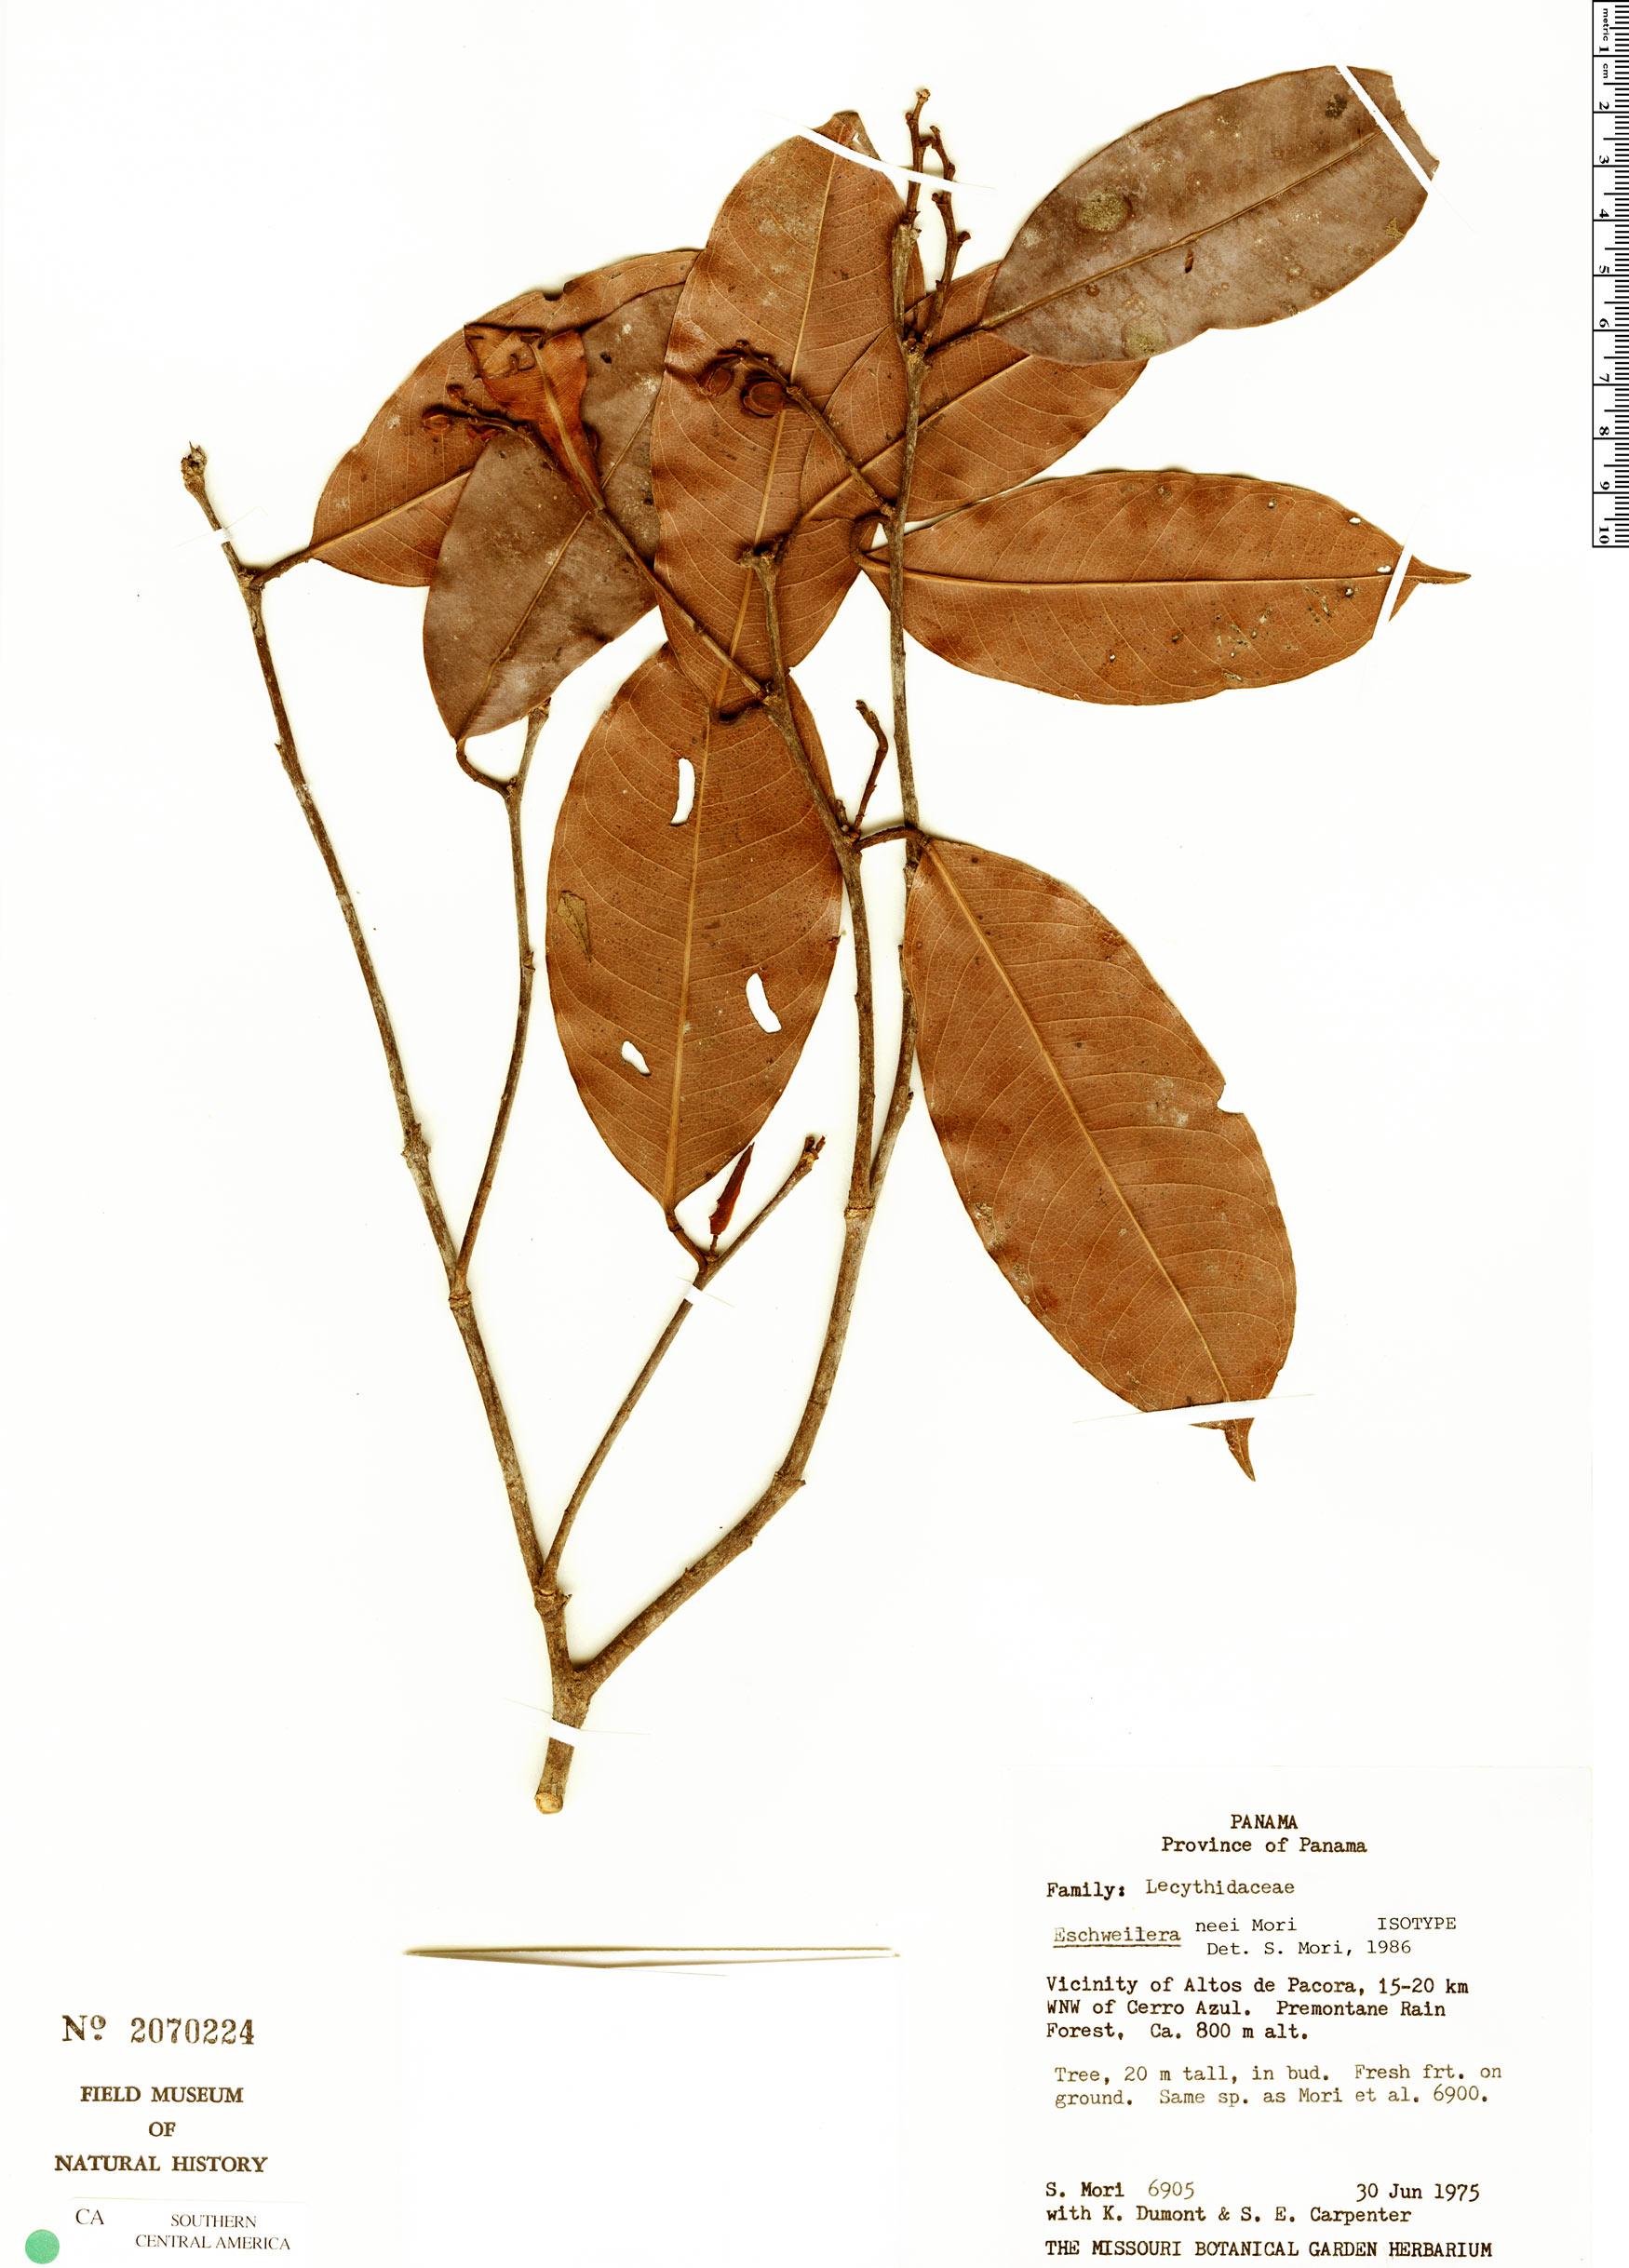 Specimen: Eschweilera neei